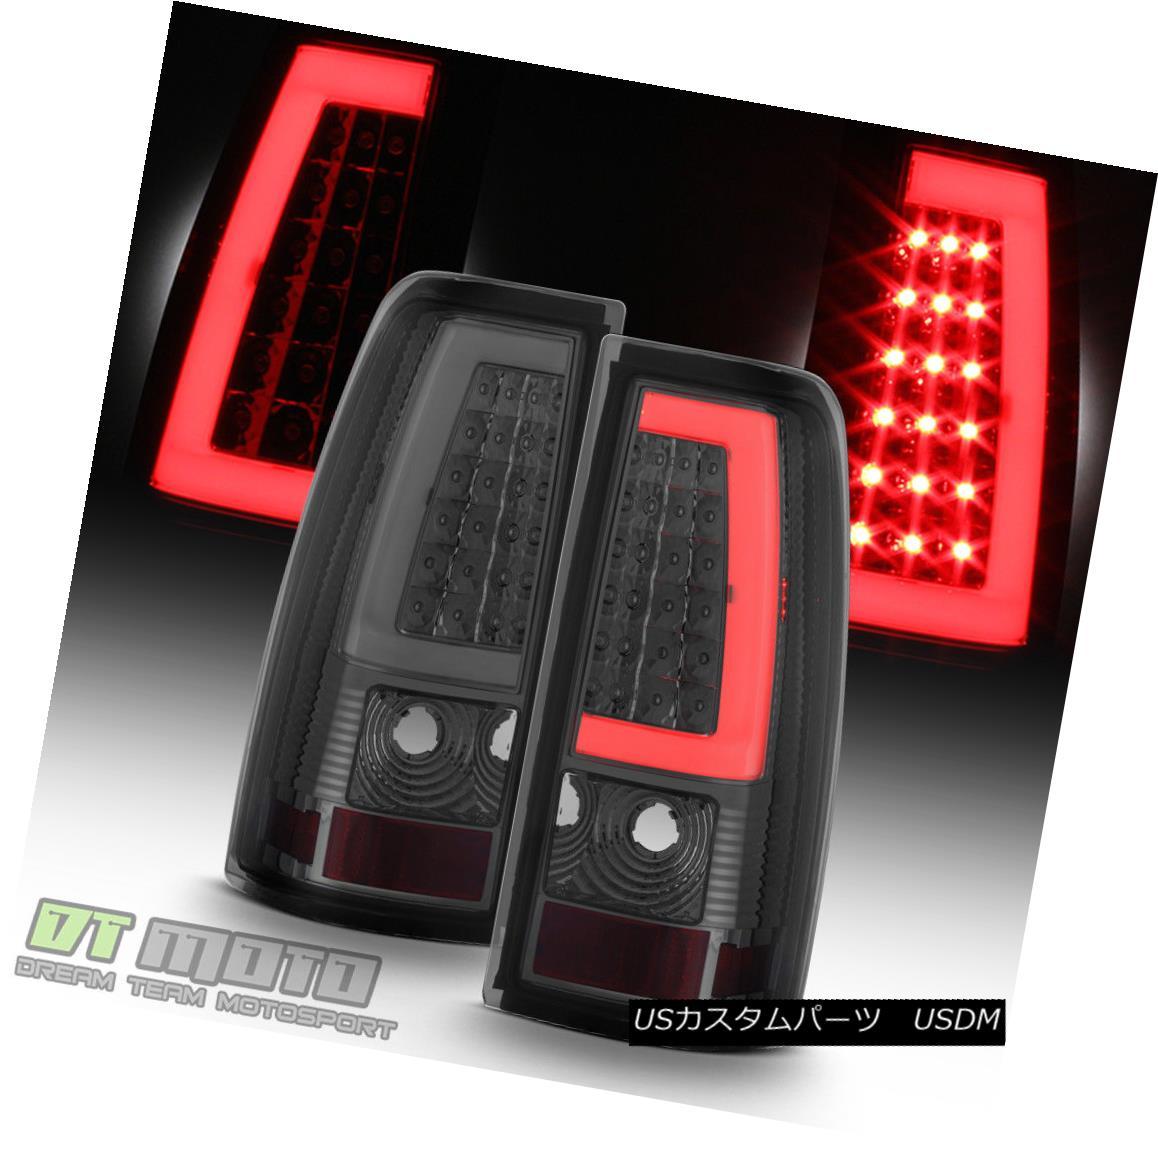 テールライト Smoke 1999-2006 GMC Sierra 1500 99-02 Chevy Siverado LED Tube Tail Lights Lamps 煙1999-2006 GMC Sierra 1500 99-02シボレーシルバラードLEDチューブテールライトランプ